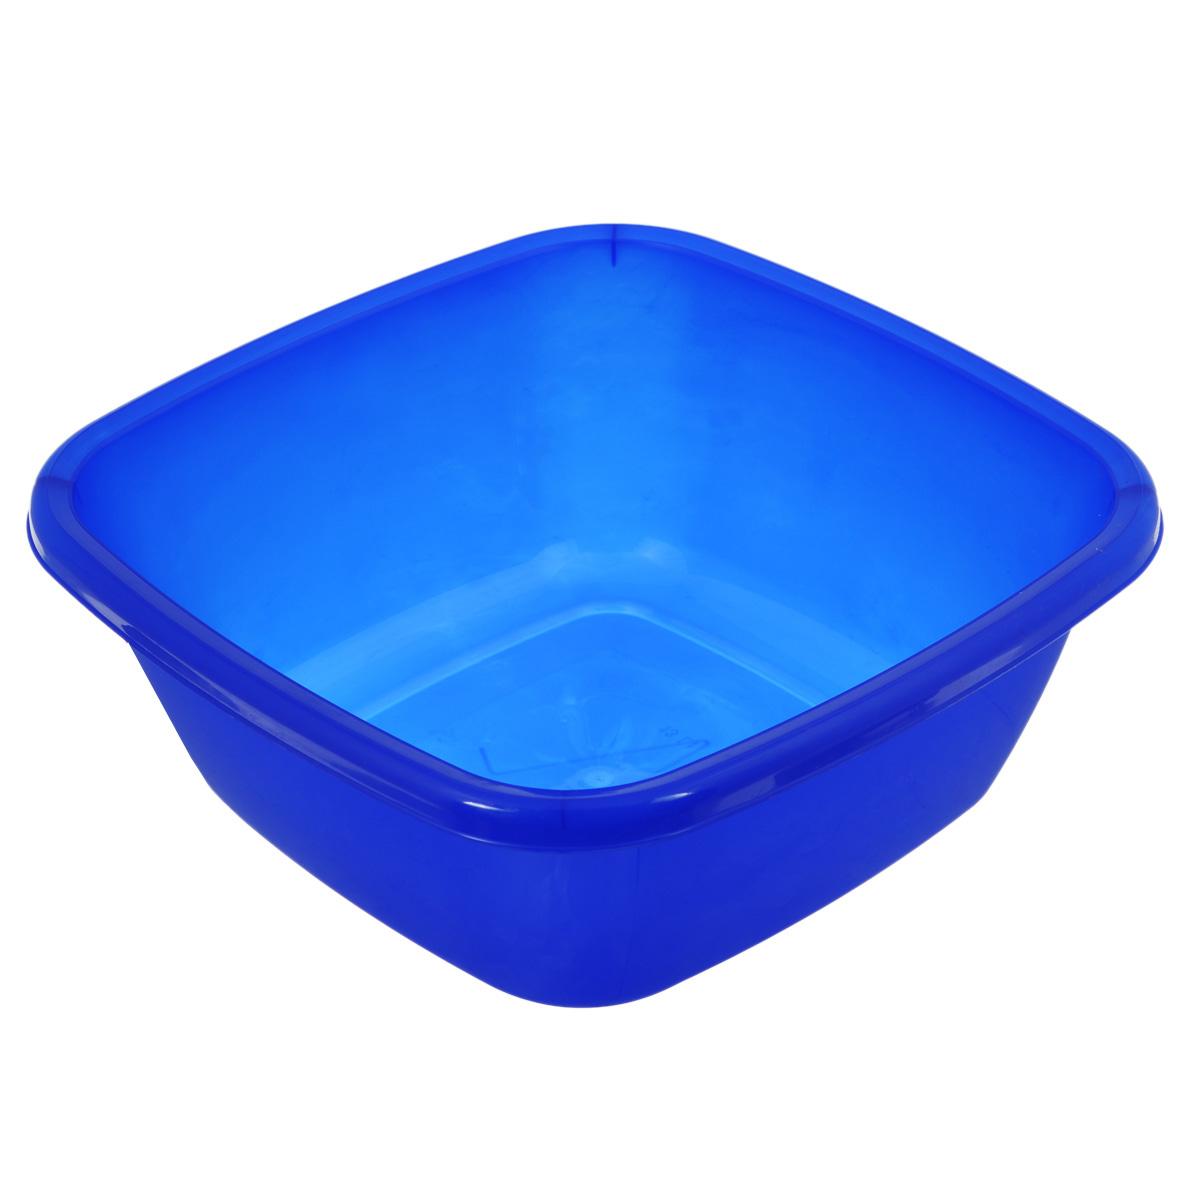 Таз Dunya Plastik, цвет: синий, 13 л. 1011910119Таз Dunya Plastik выполнен из прочного пластика. Он предназначен для стирки и хранения разных вещей. По бокам имеются удобные углубления, которые обеспечивают удобный захват. Таз пригодится в любом хозяйстве.